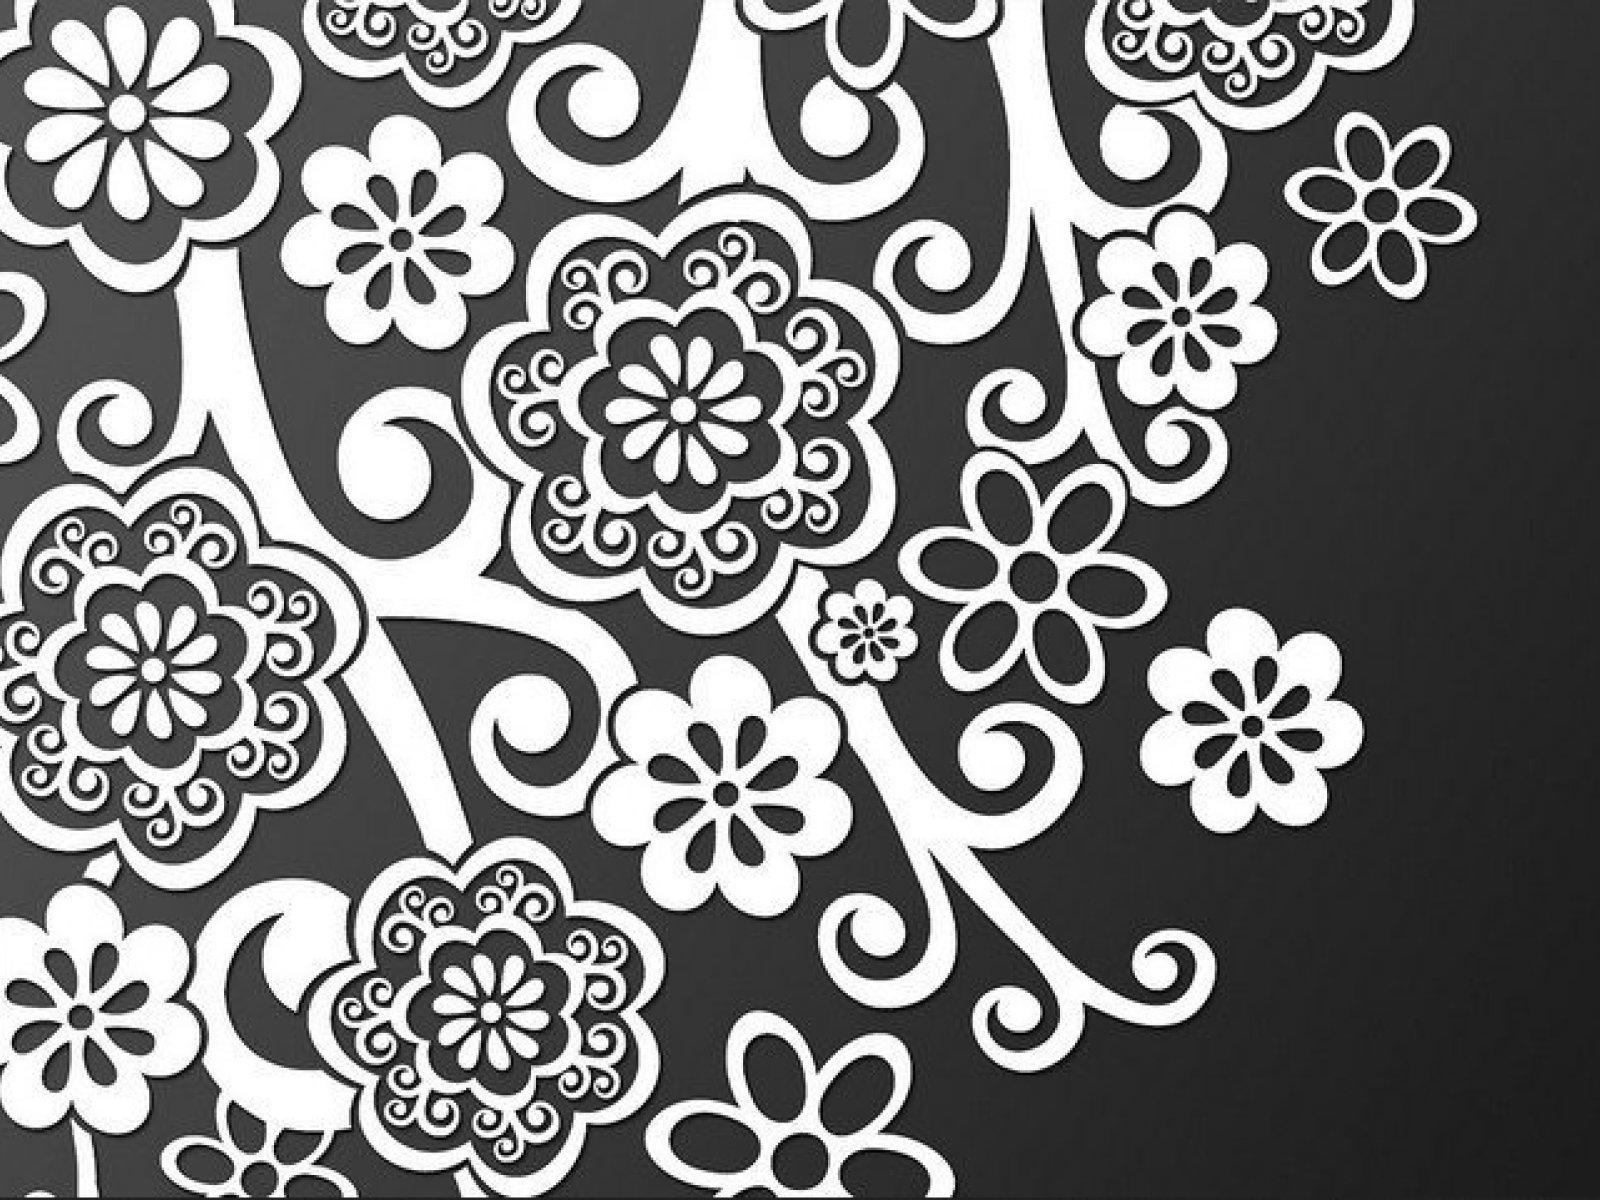 45 Gambar Motif Batik Bunga Khas Indonesia Yang Unik